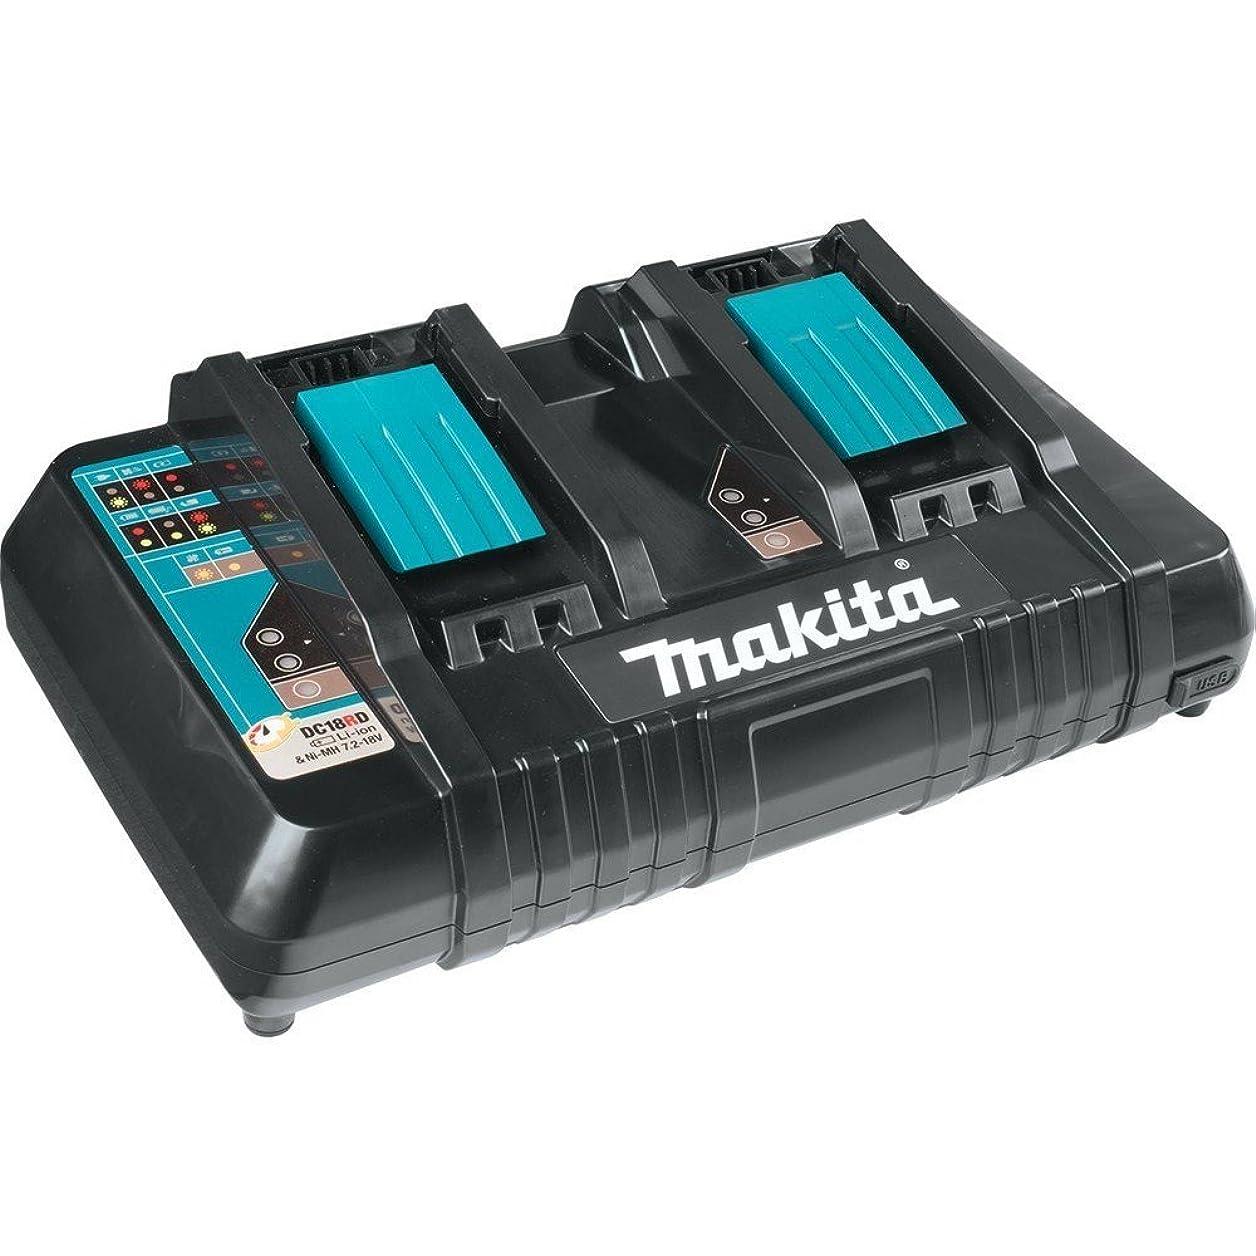 マキタ 2口急速充電器 DC18RD [並行輸入品]